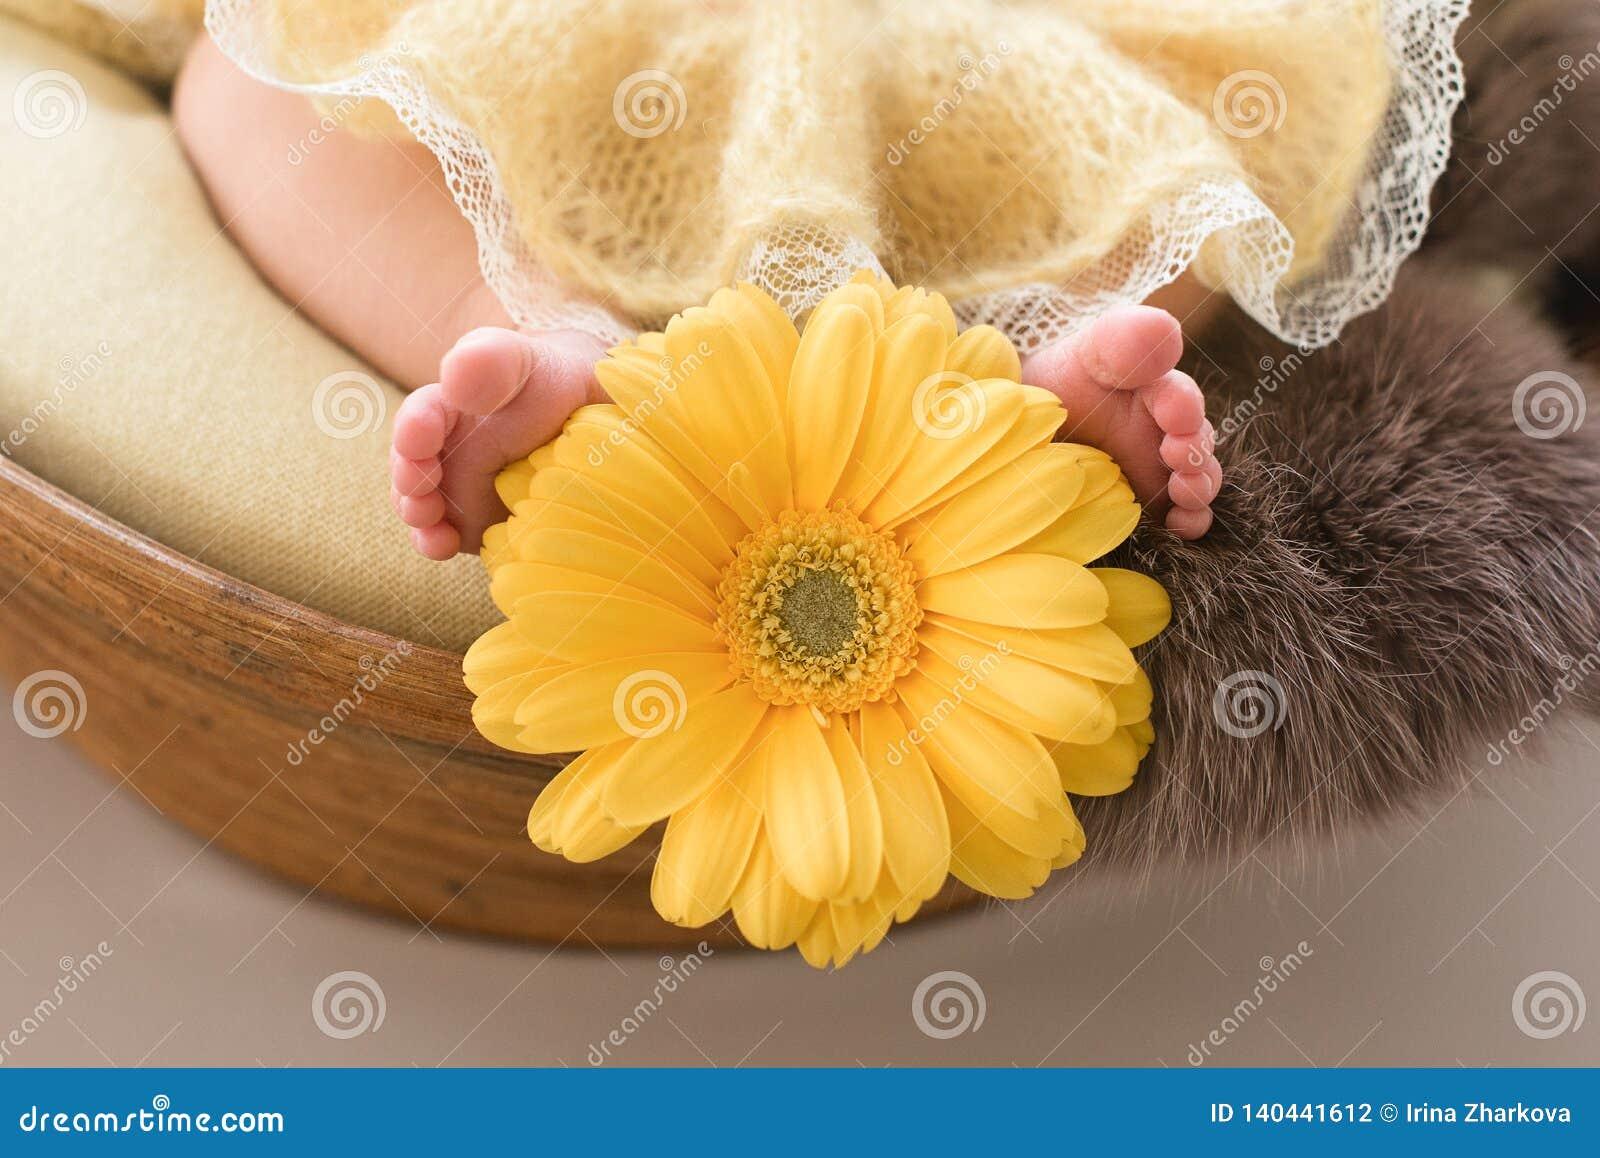 Pieds d une fille nouveau-née, petite ballerine aux points pelucheux, danseur fatigué, jupe de tutu, nouveau-née